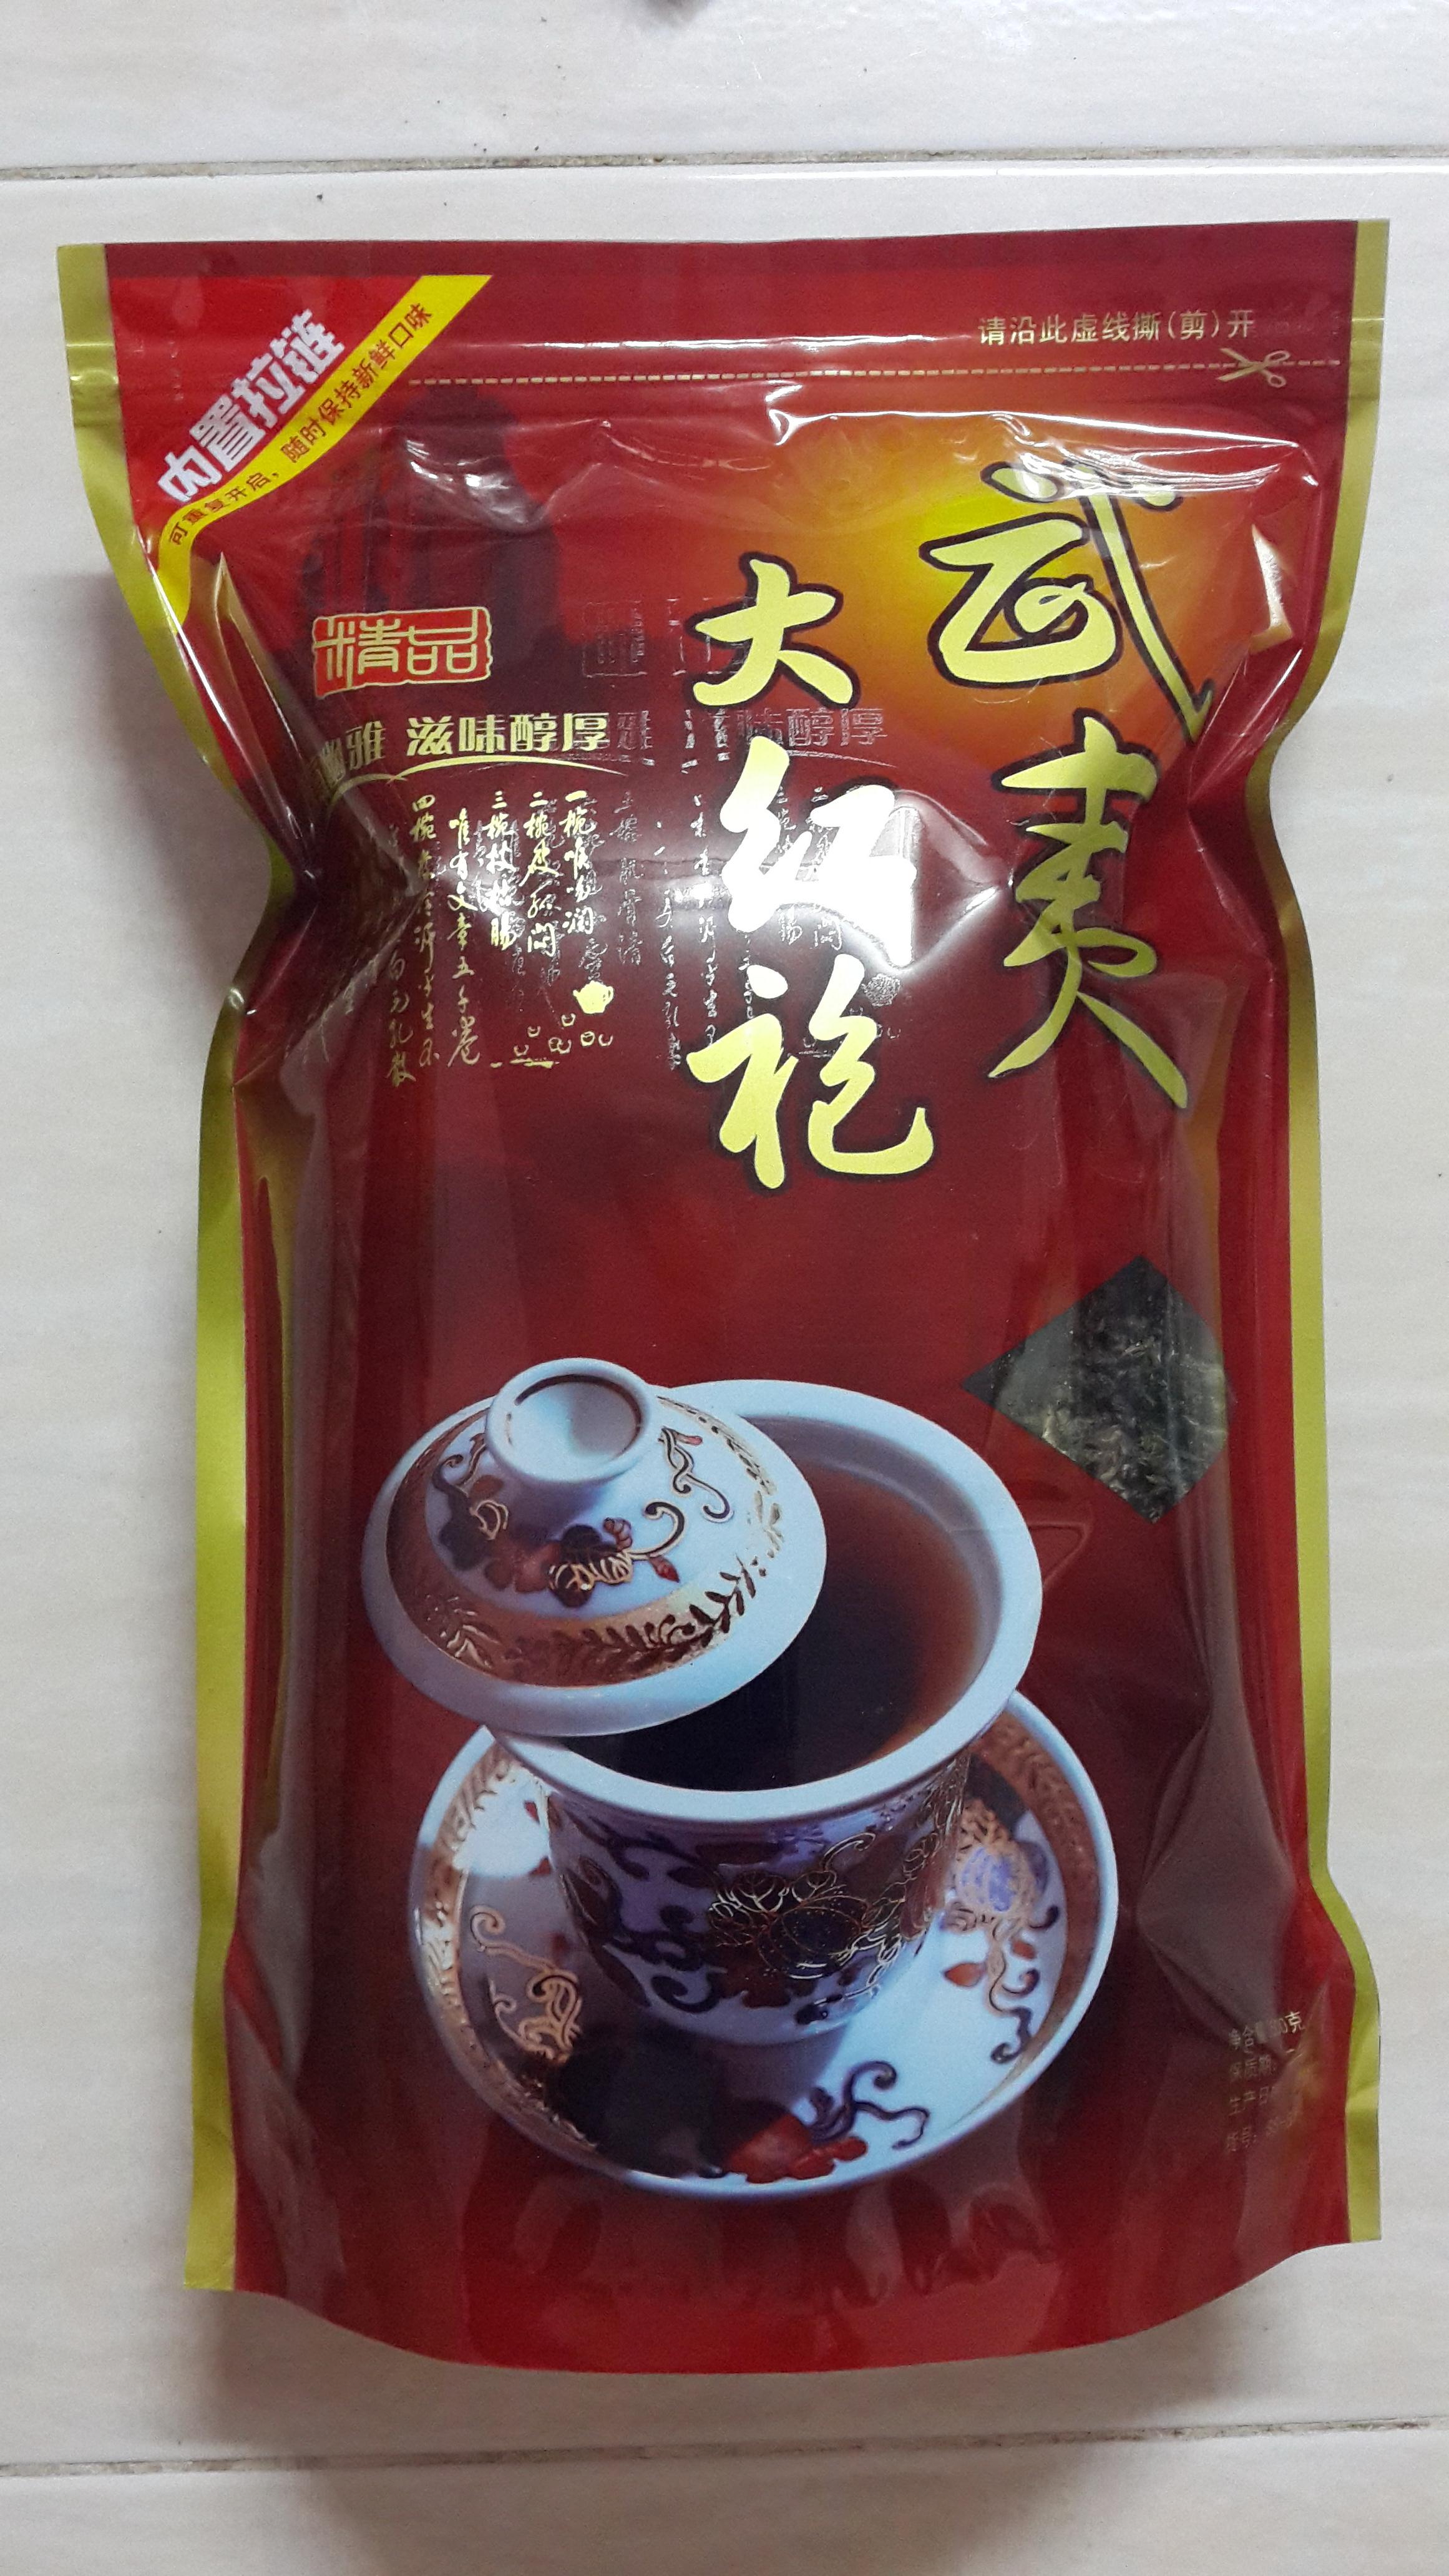 ชาอู่หลงไต้หวัน เกรด AAAAA ชาอู่หลงระดับพรีเมี่ยม ชนิดอย่างดีที่สุด น้ำหนัก 1 กิโลกรัม